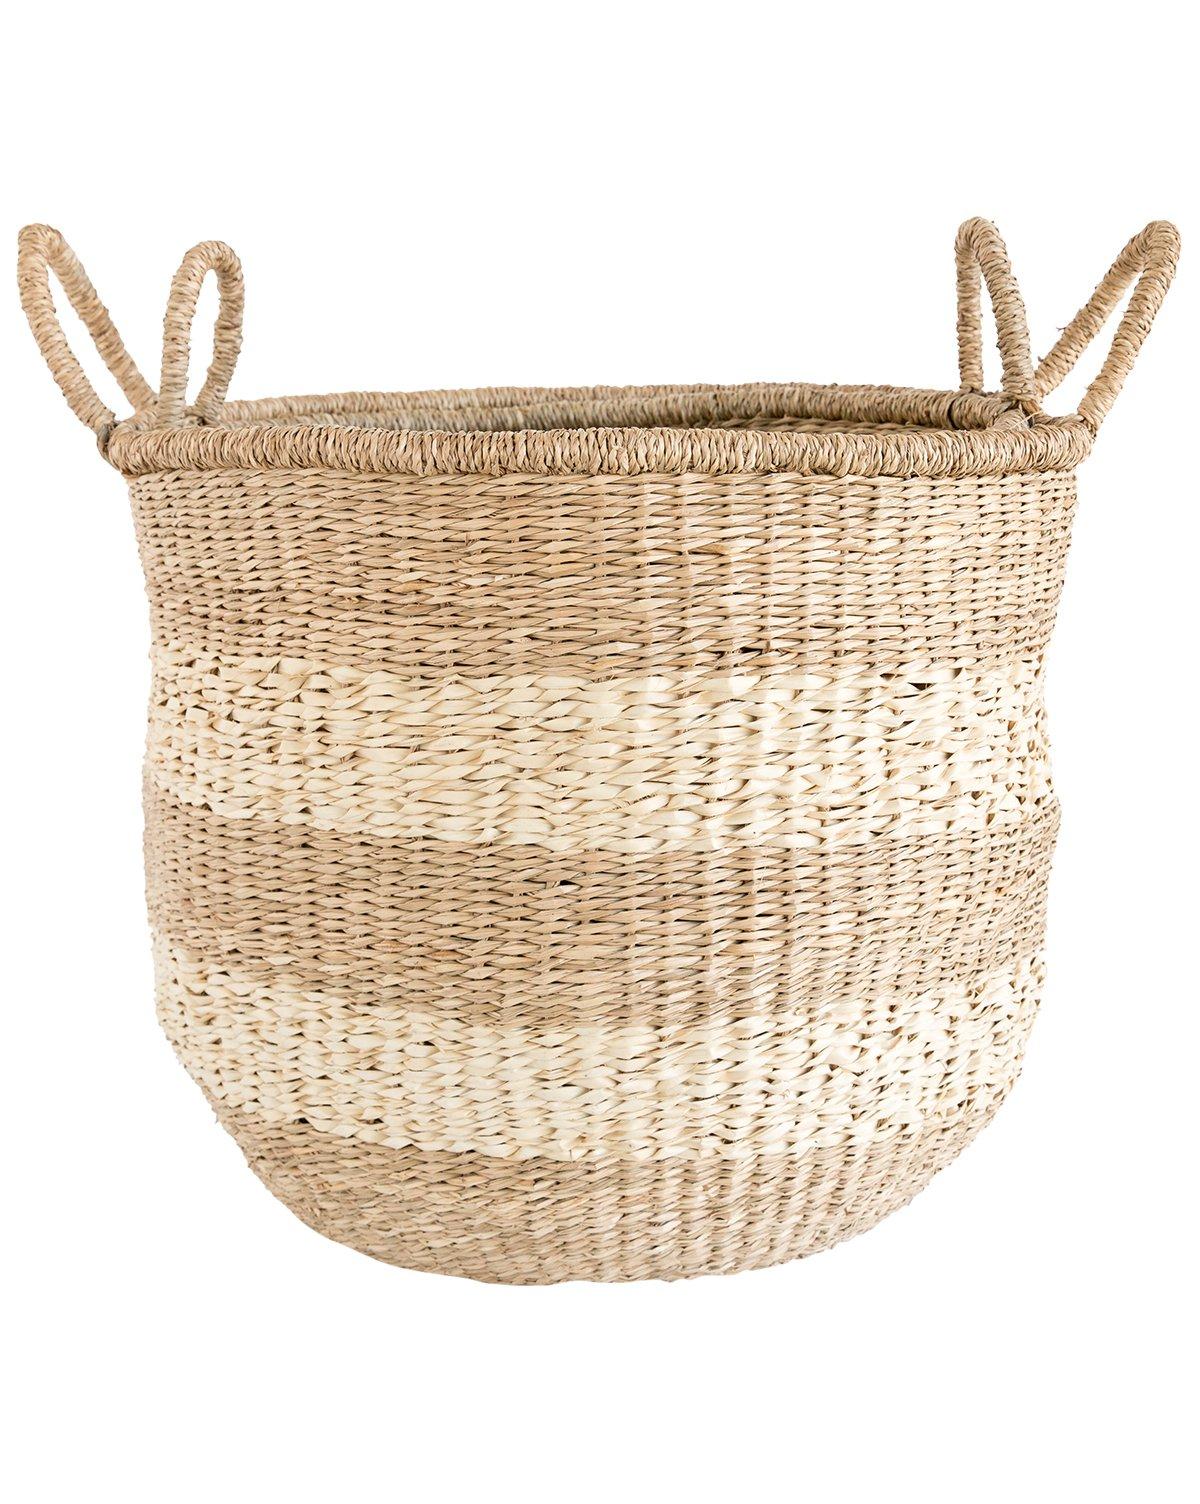 Striped_Round_Baskets_3.jpg